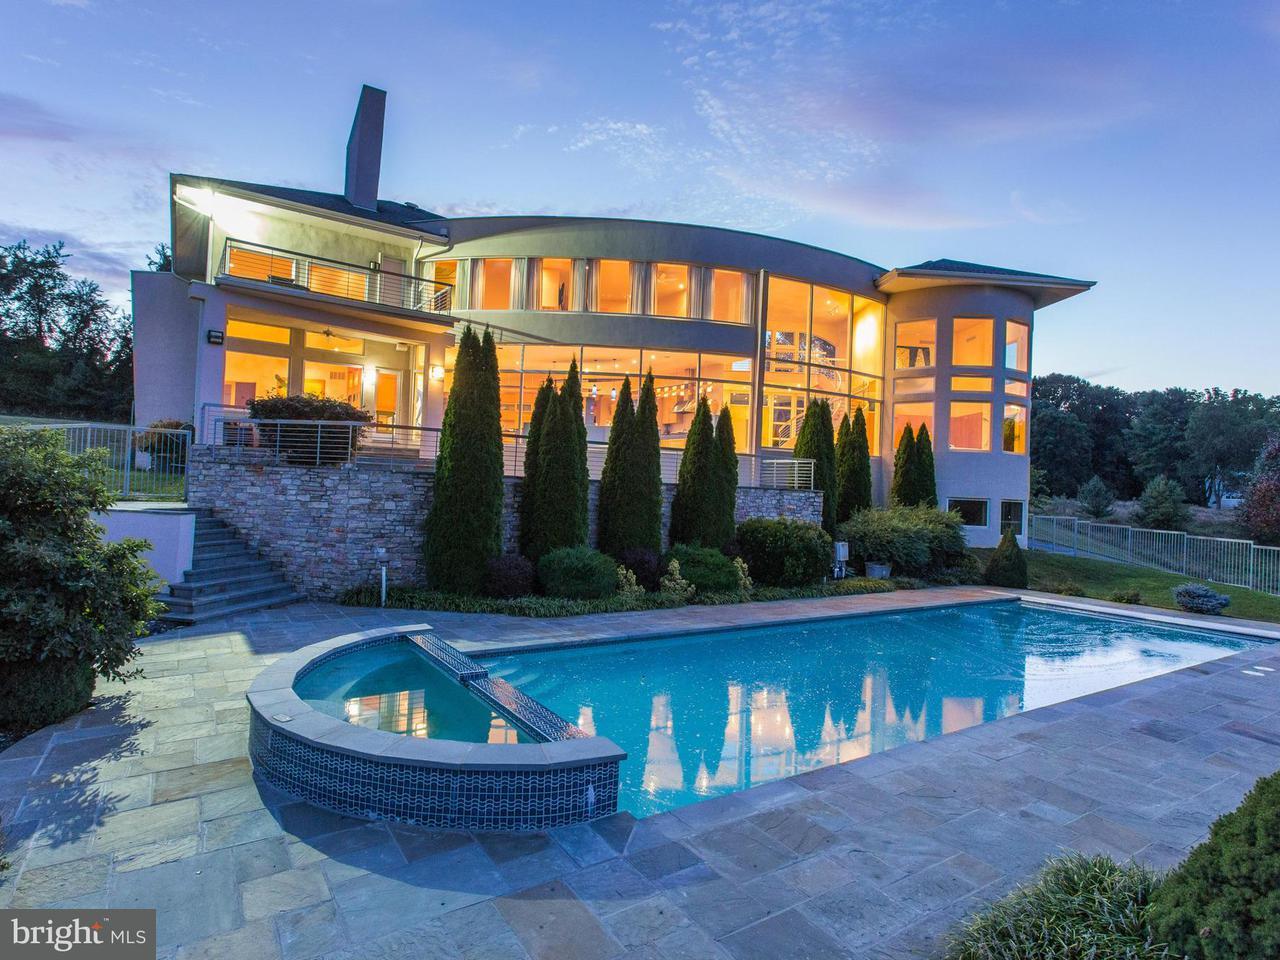 Частный односемейный дом для того Продажа на 11684 Cedarline Court 11684 Cedarline Court Ellicott City, Мэриленд 21042 Соединенные Штаты